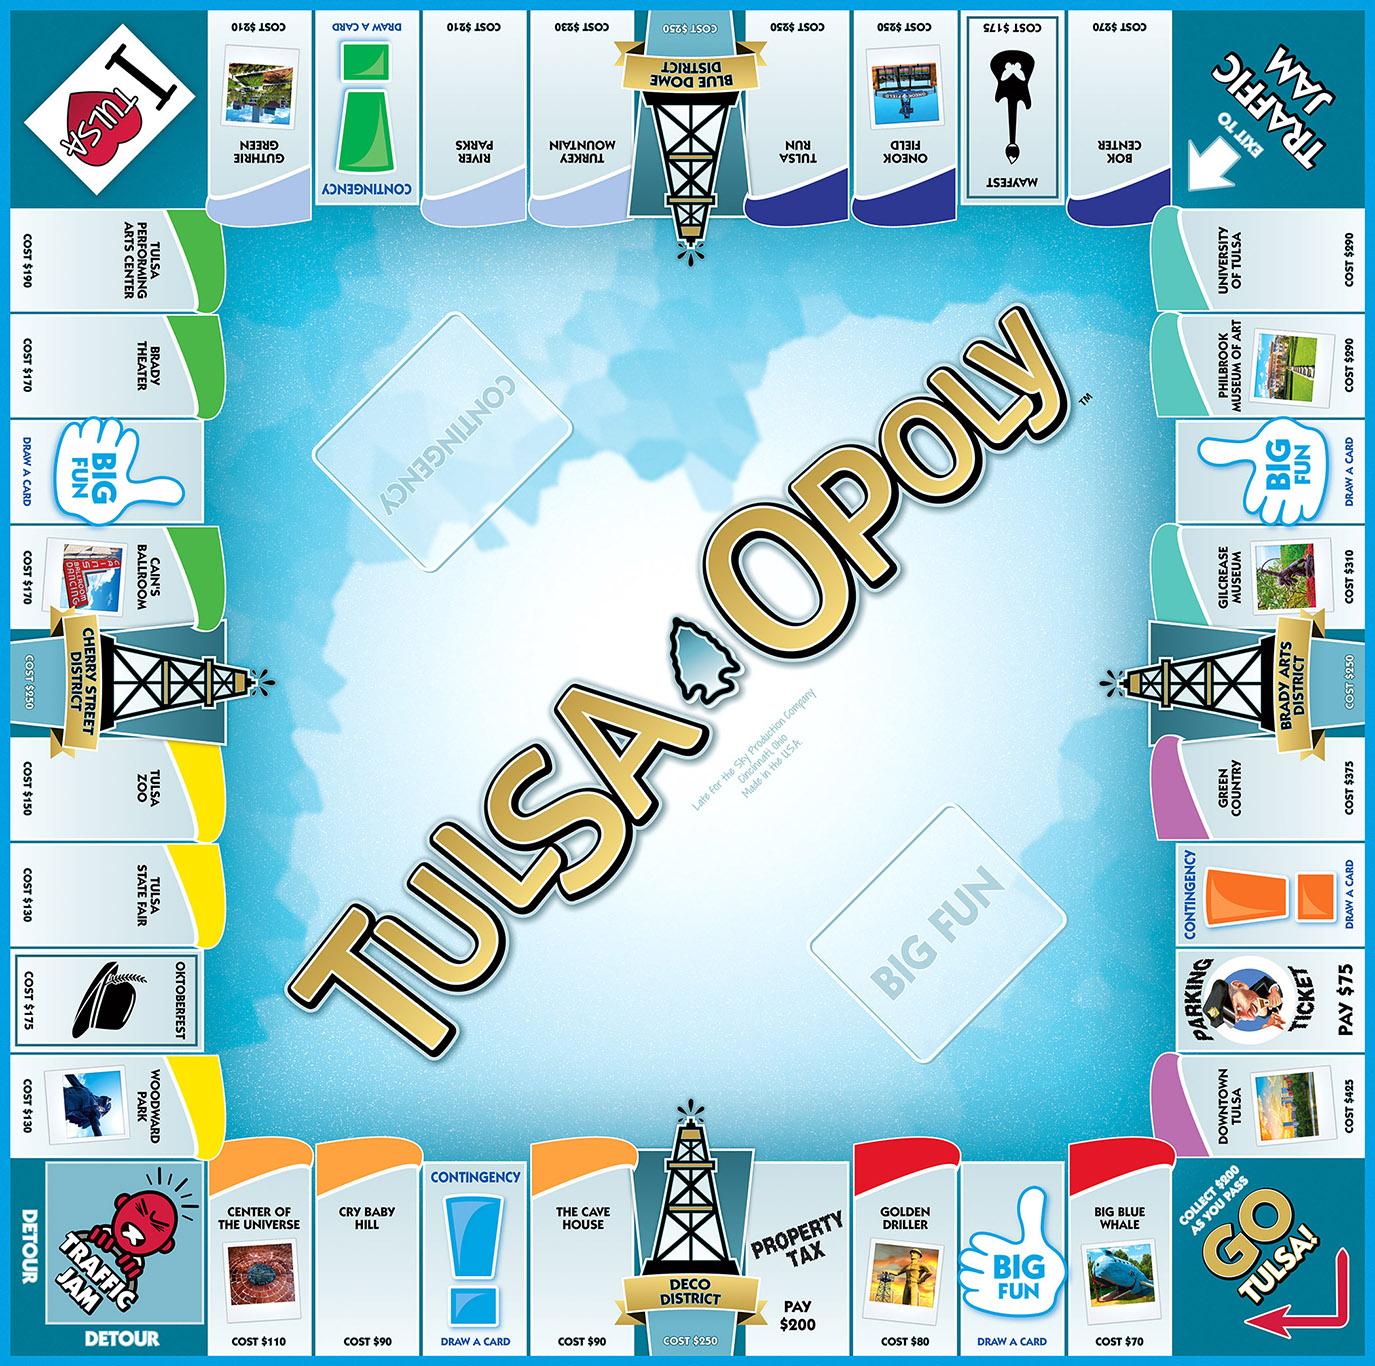 TULSA-OPOLY Board Game